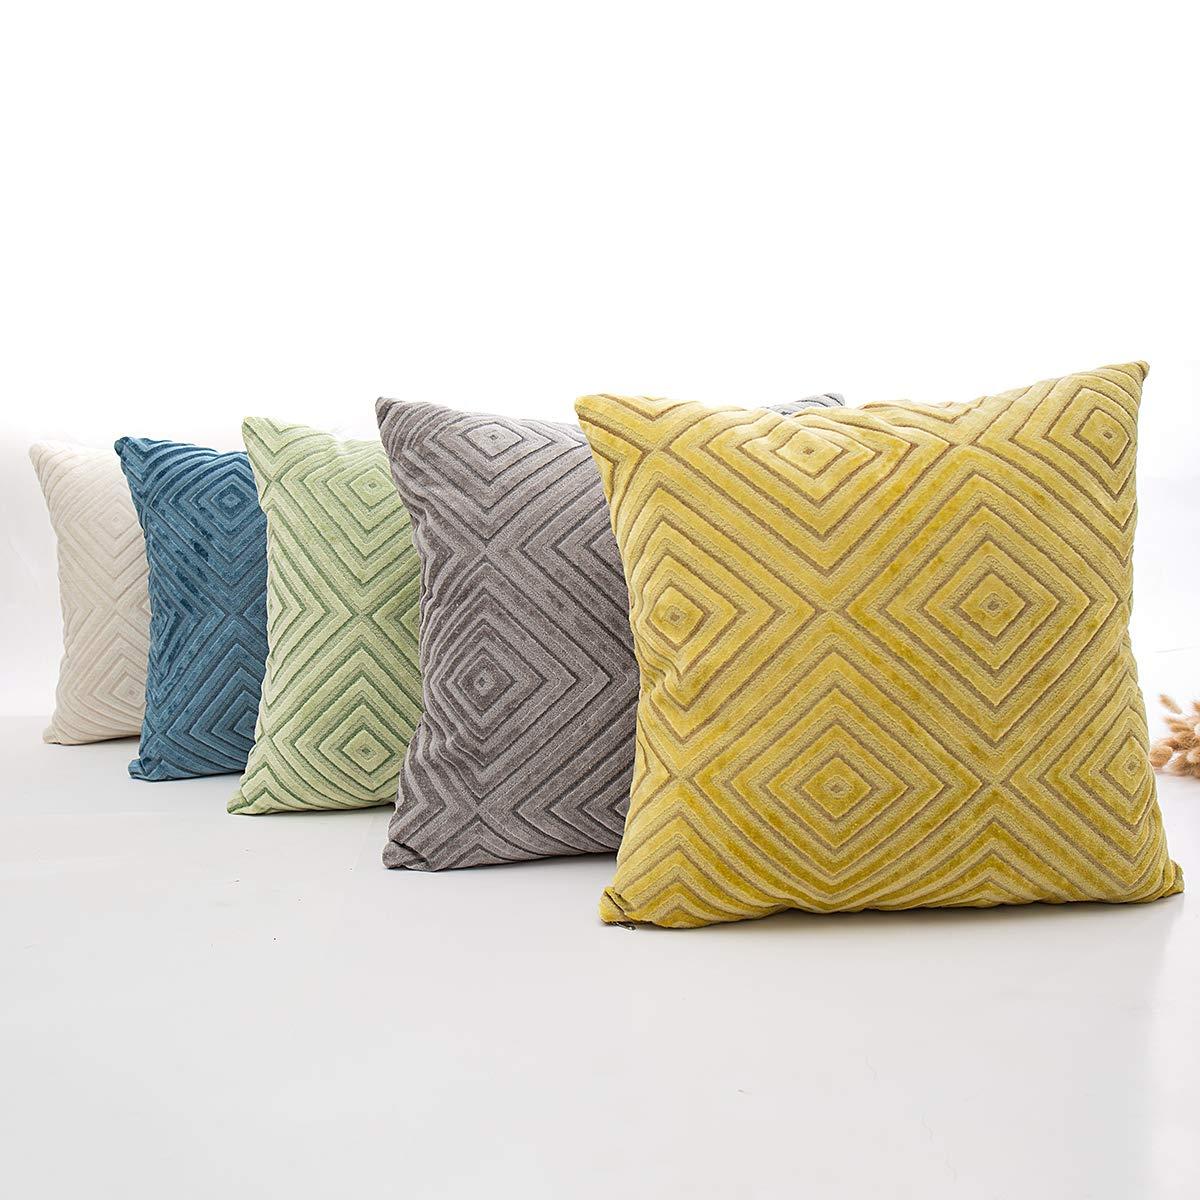 Home & Garden Bedding montibello.com CHICCAT 20 Pack Microfiber ...